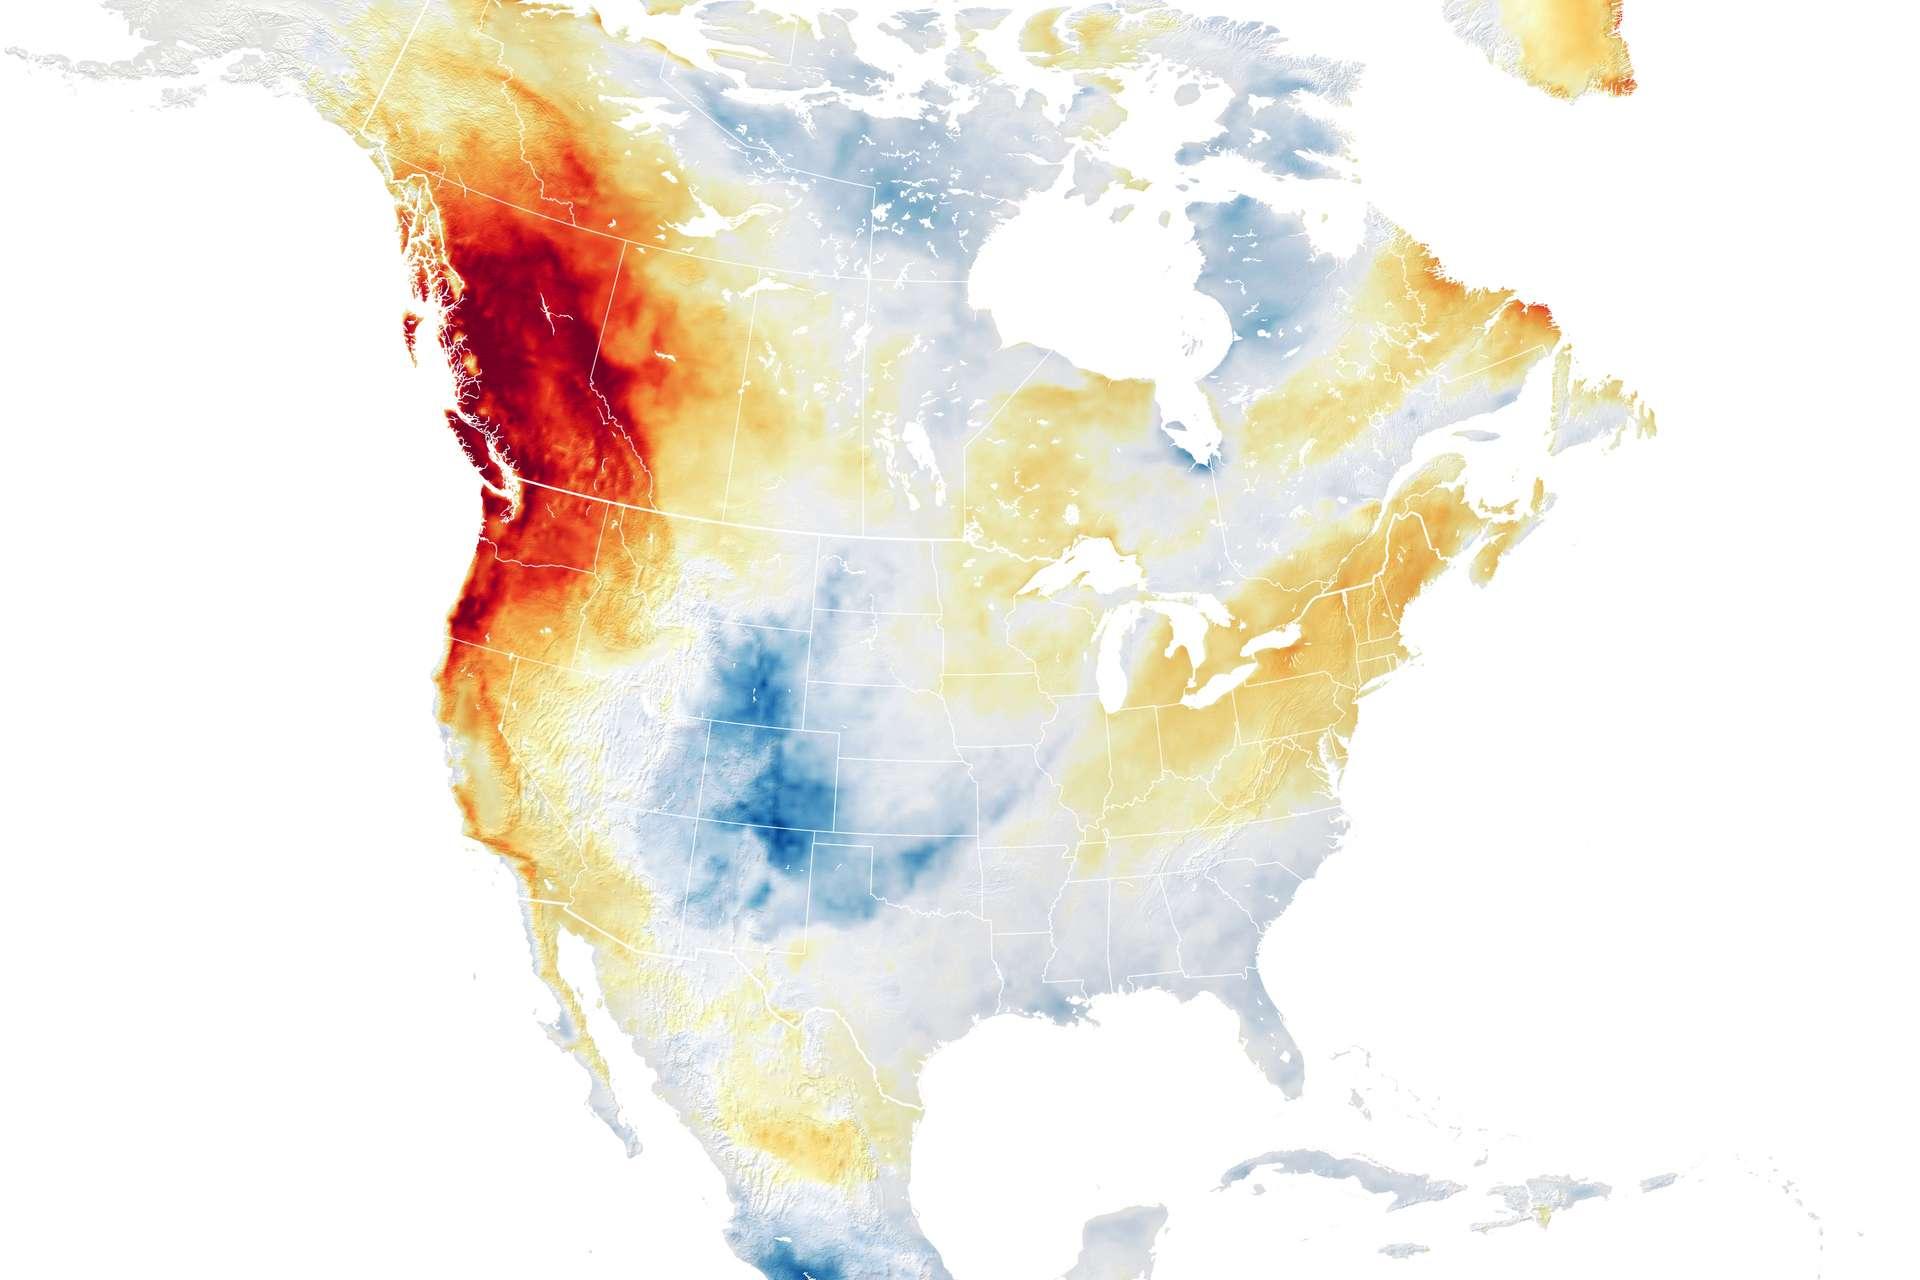 En juin 2021, des vagues de chaleur ont frappé plusieurs villes des États-Unis et du Canada, au nord-ouest, avec des records historiques de températures. © Nasa